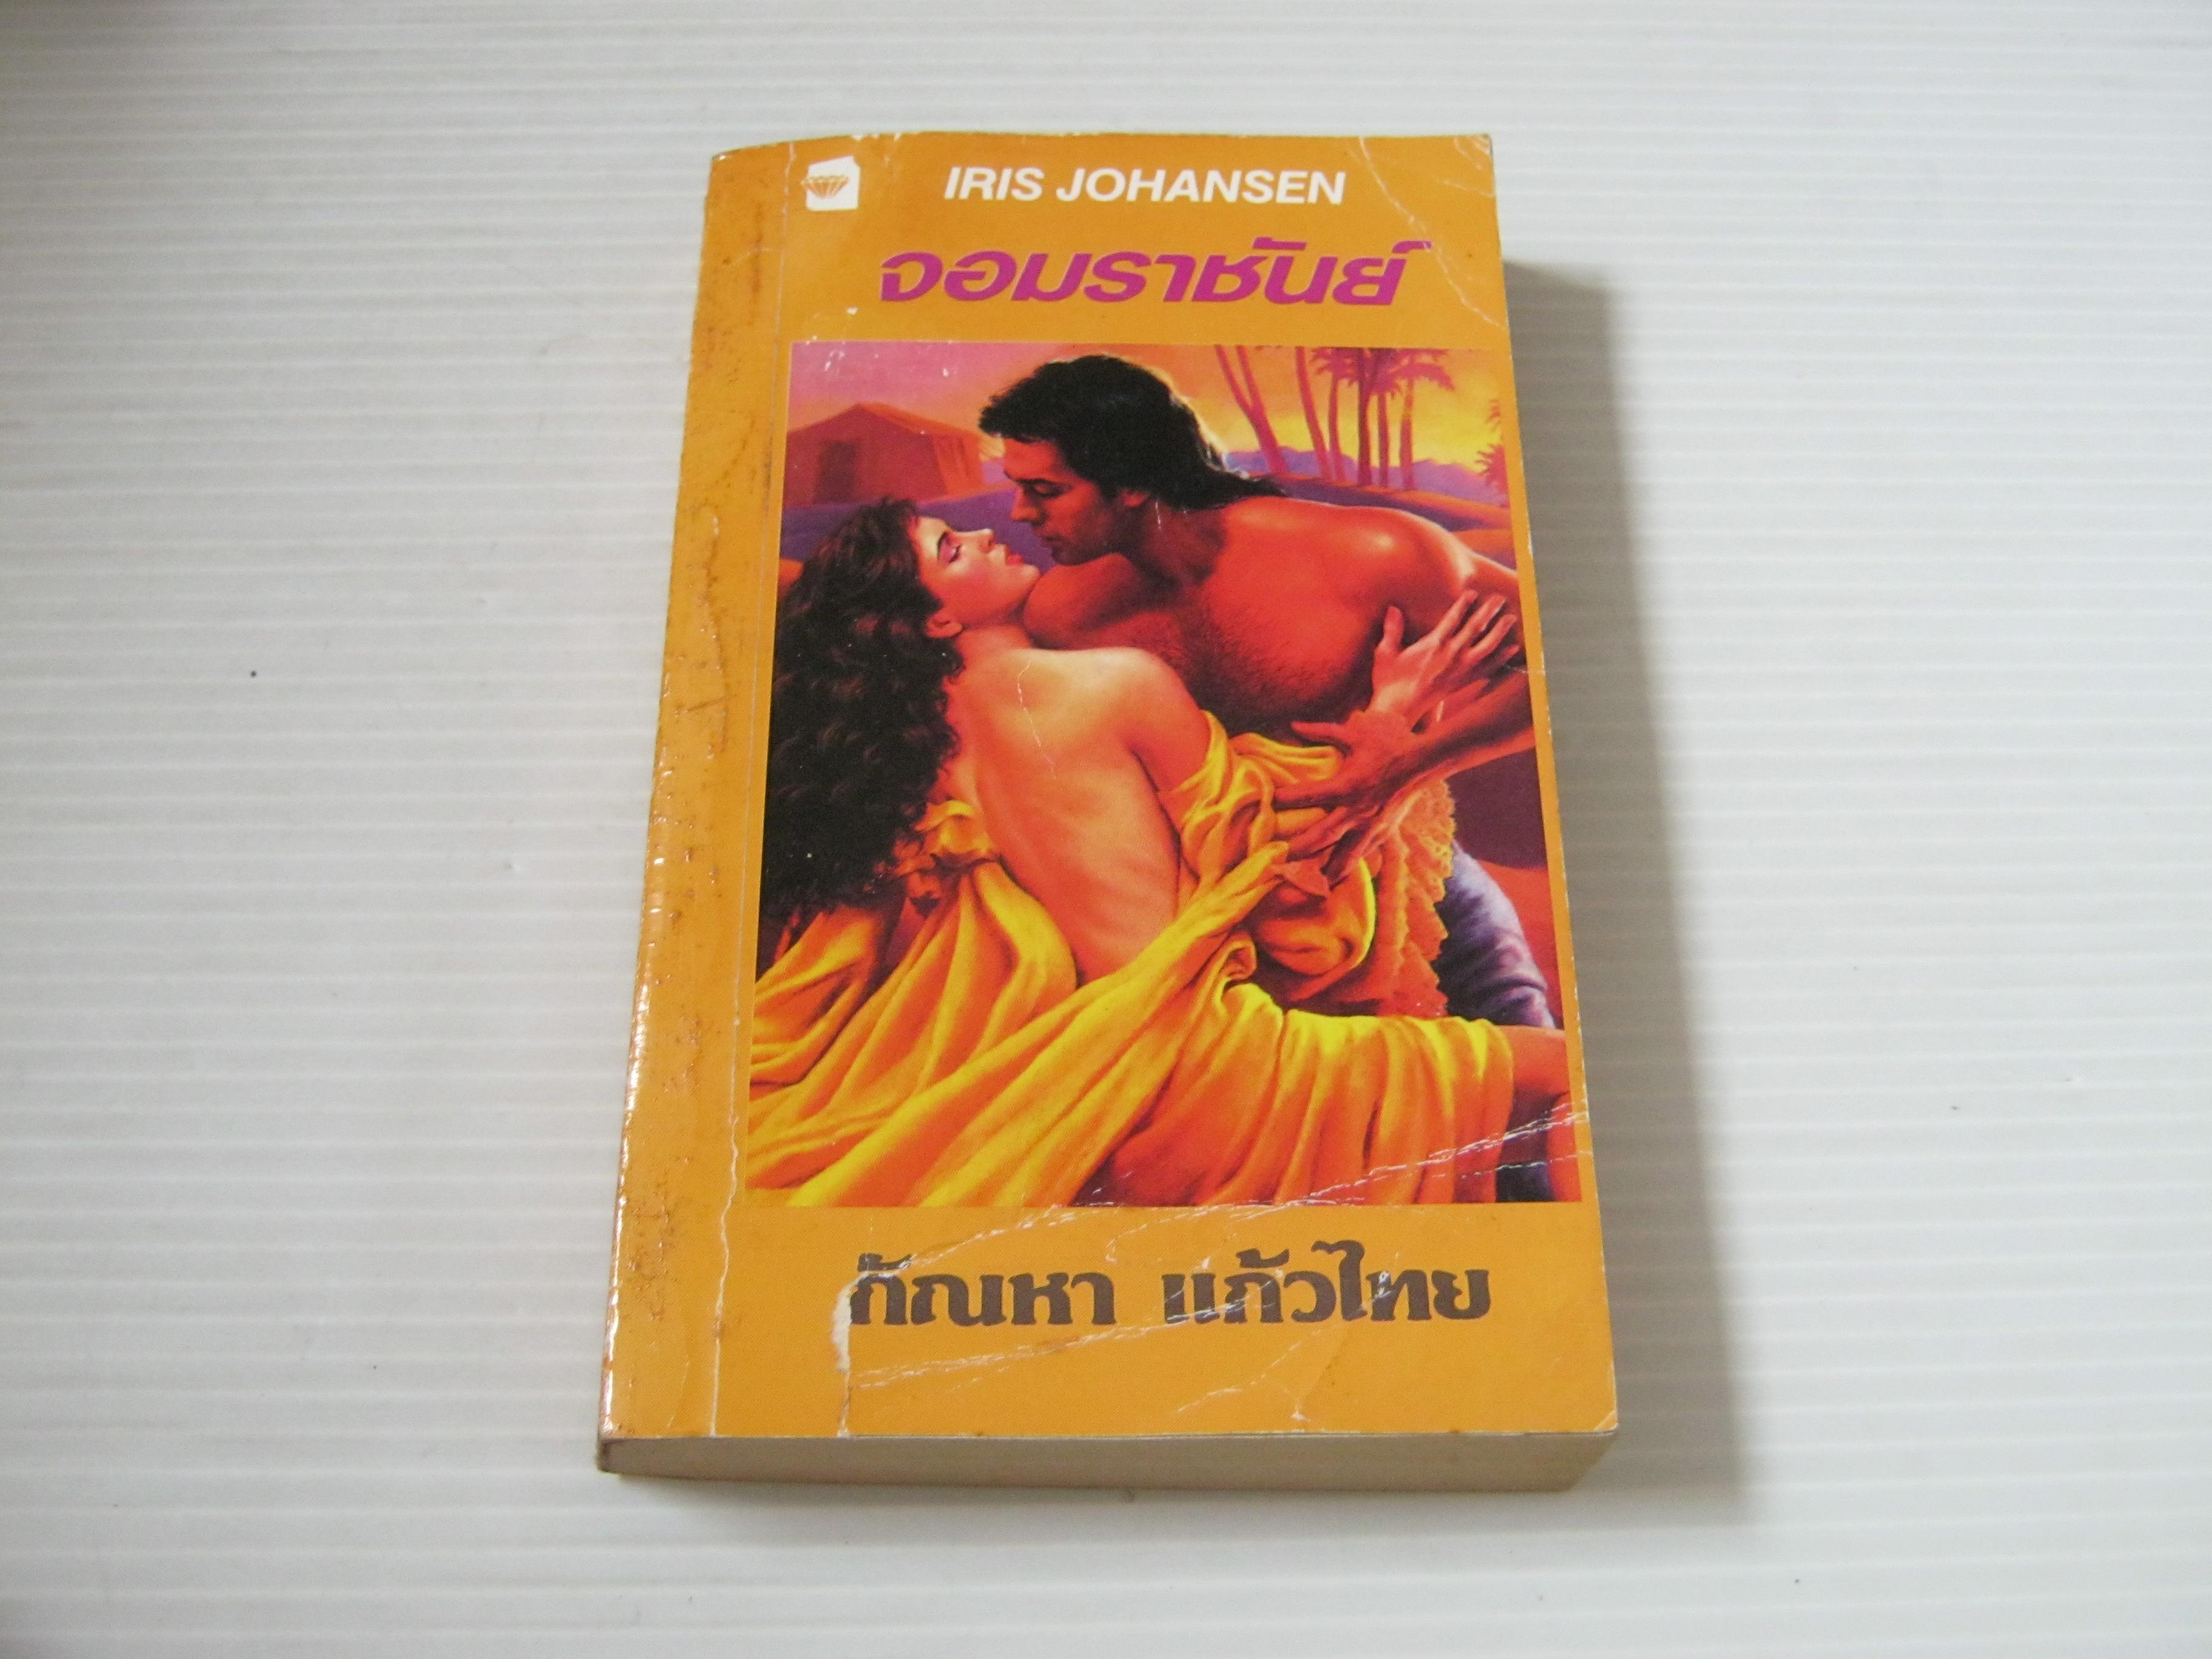 จอมราชันย์ (The Golden Barbarian) Iris Johansen เขียน กัณหา แก้วไทย แปล